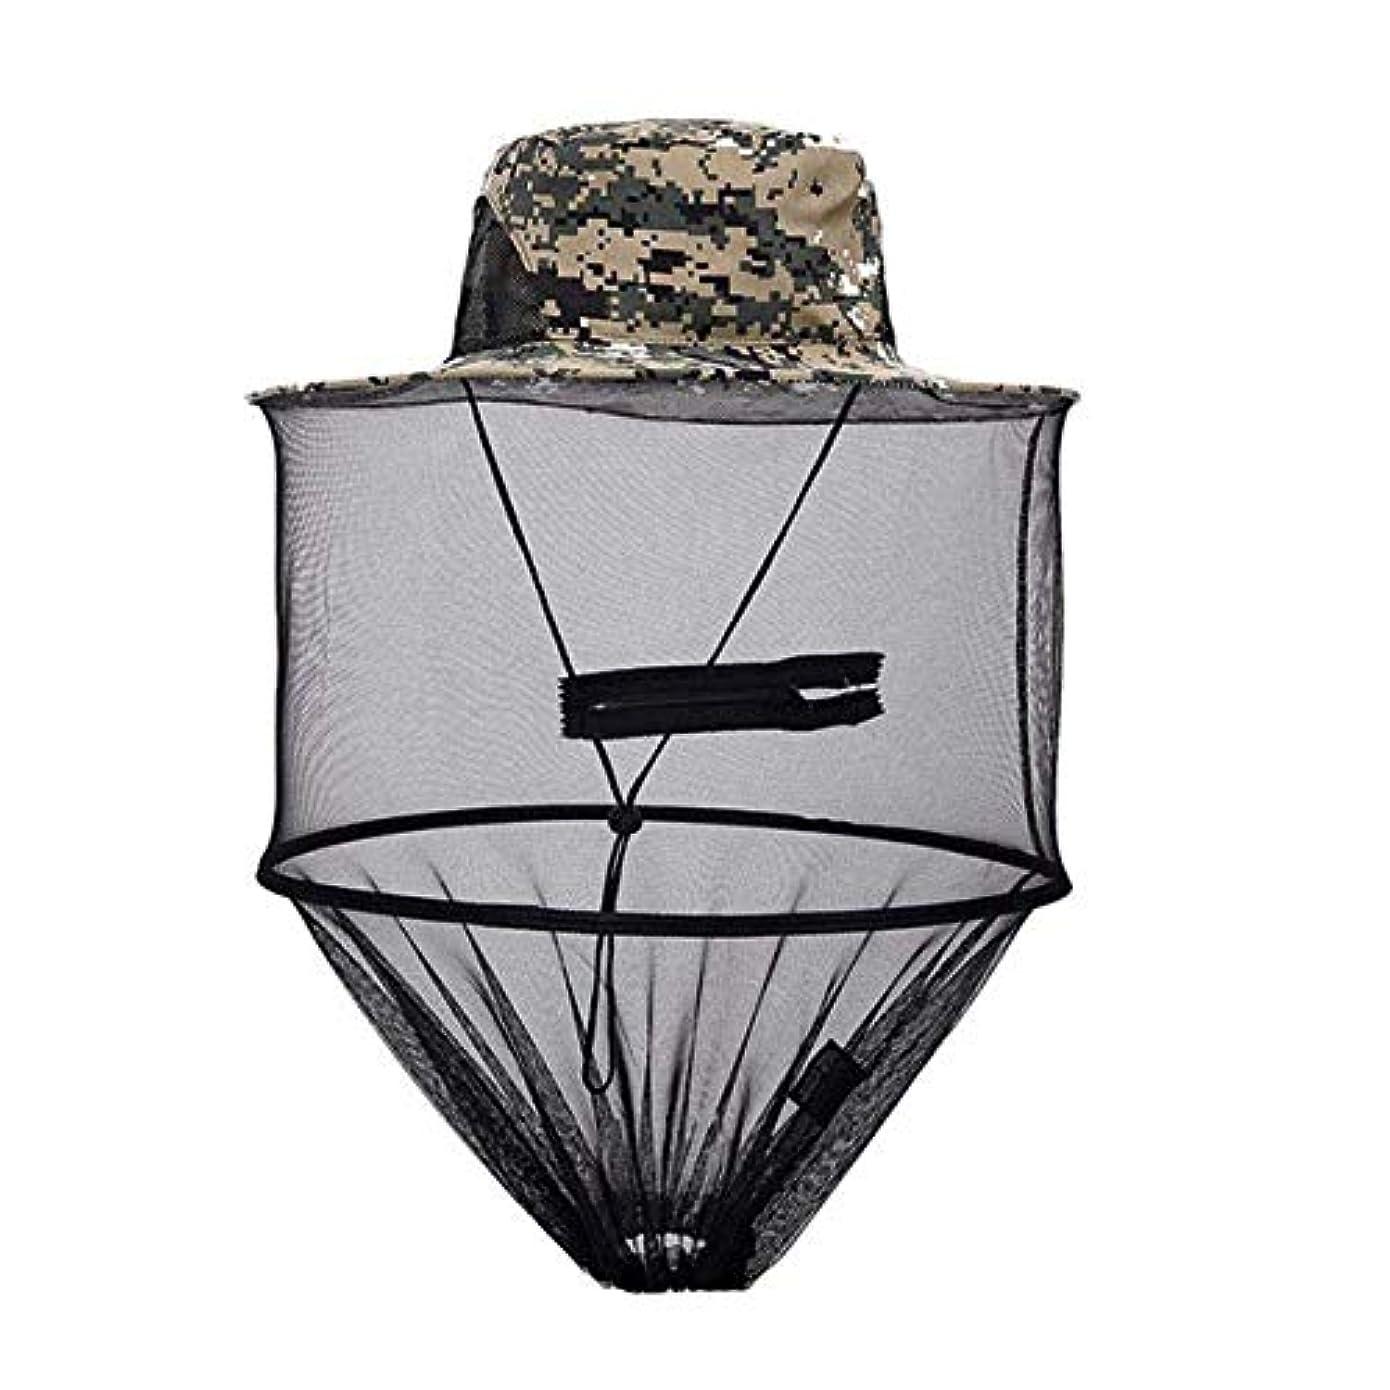 種そうでなければショッキングSaikogoods アウトドアキャンプハイキング狩猟のためにネットメッシュ?ヘッドフェイスプロテクター 釣りの帽子蚊キャップ ミッジフライバグ昆虫蜂ハット デジタル迷彩